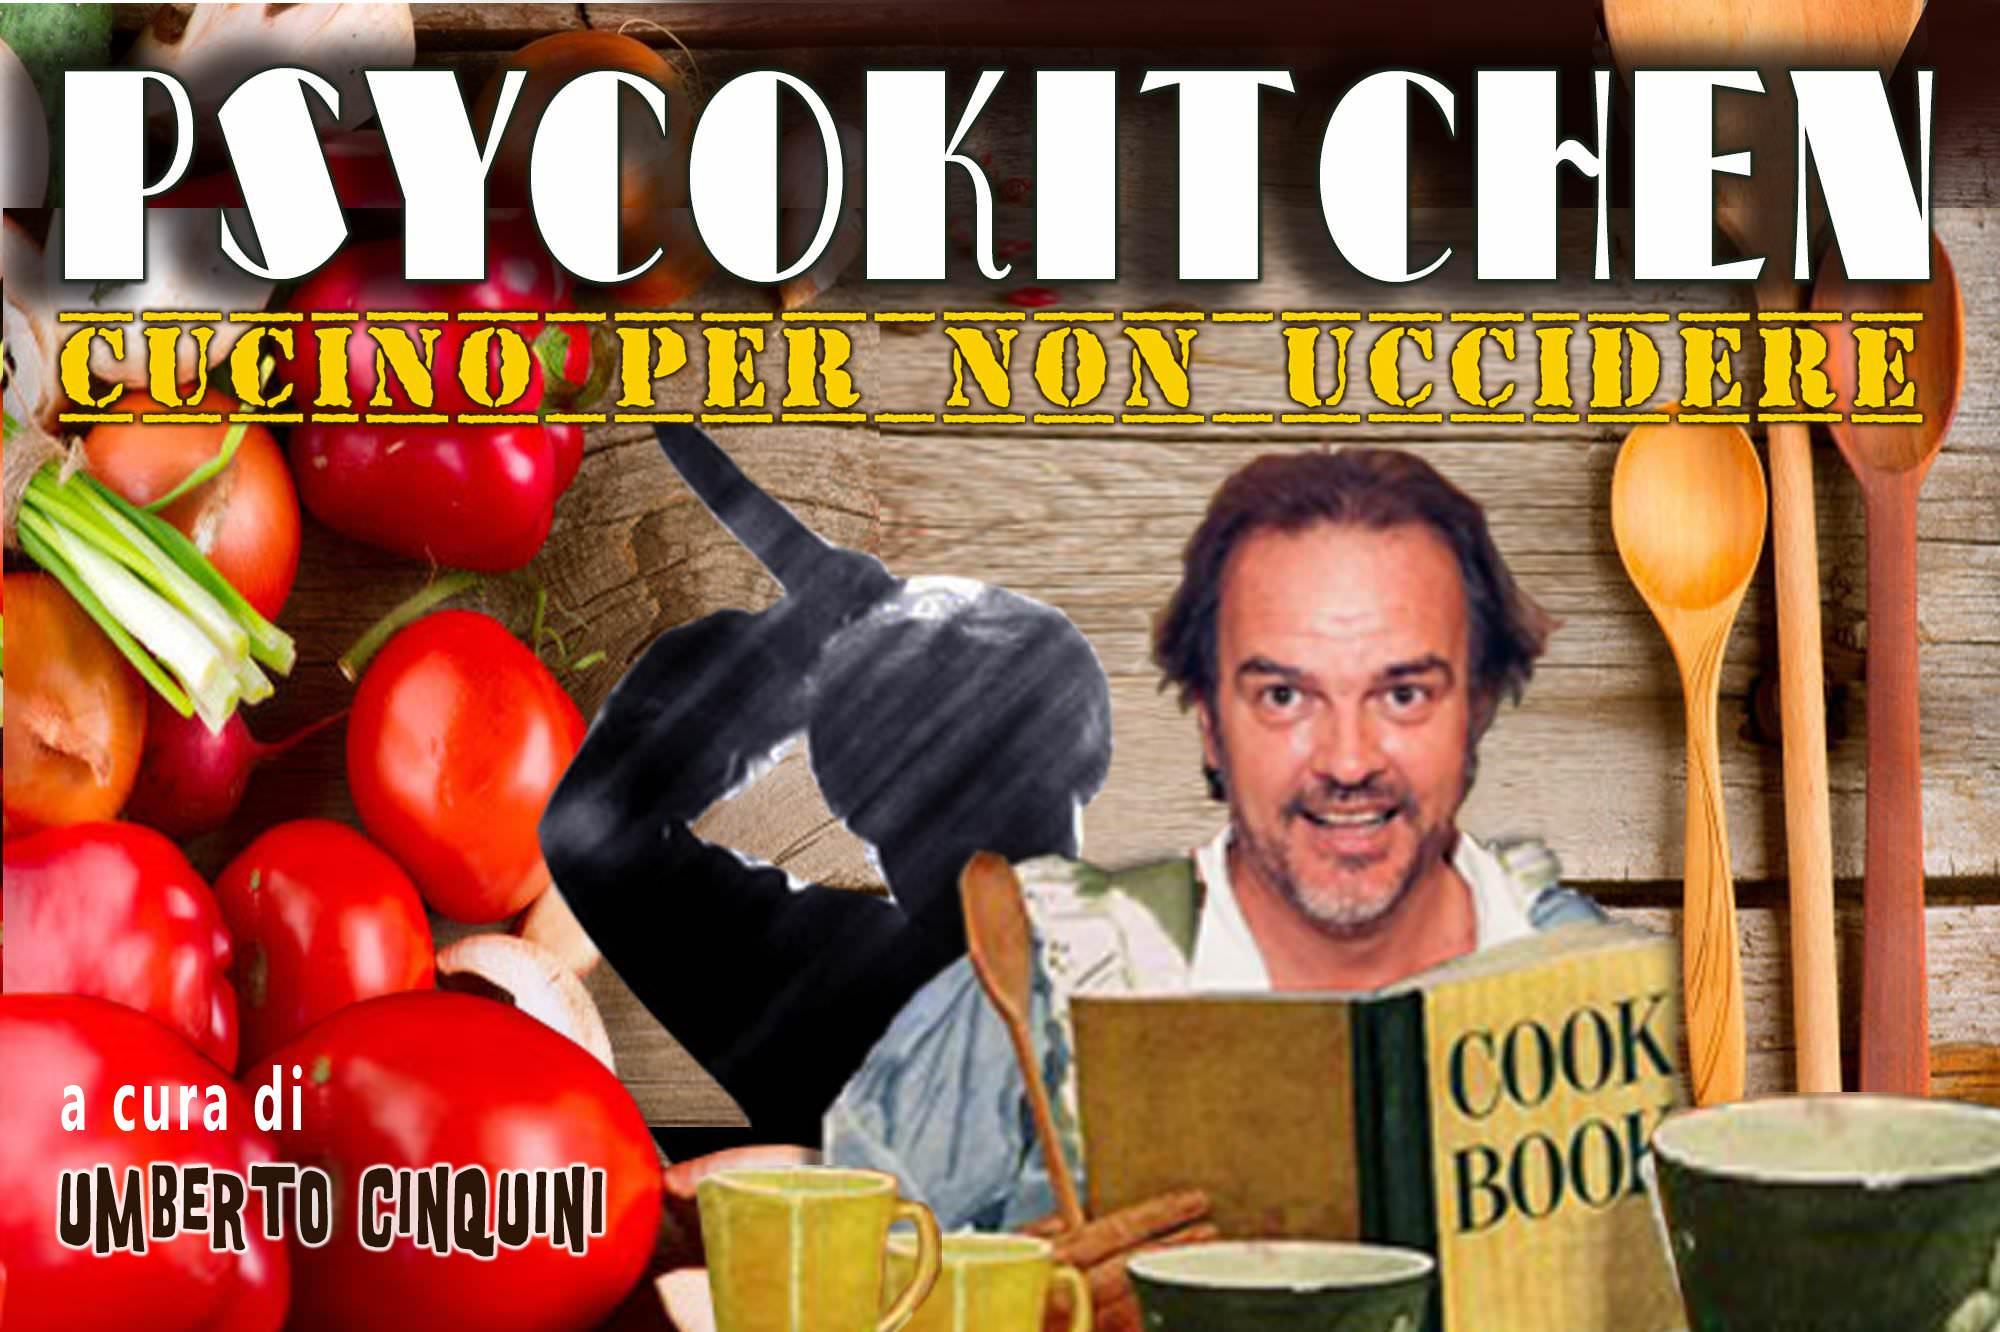 Su VersiliaToday arriva PsycoKitchen, Cucino per non Uccidere!